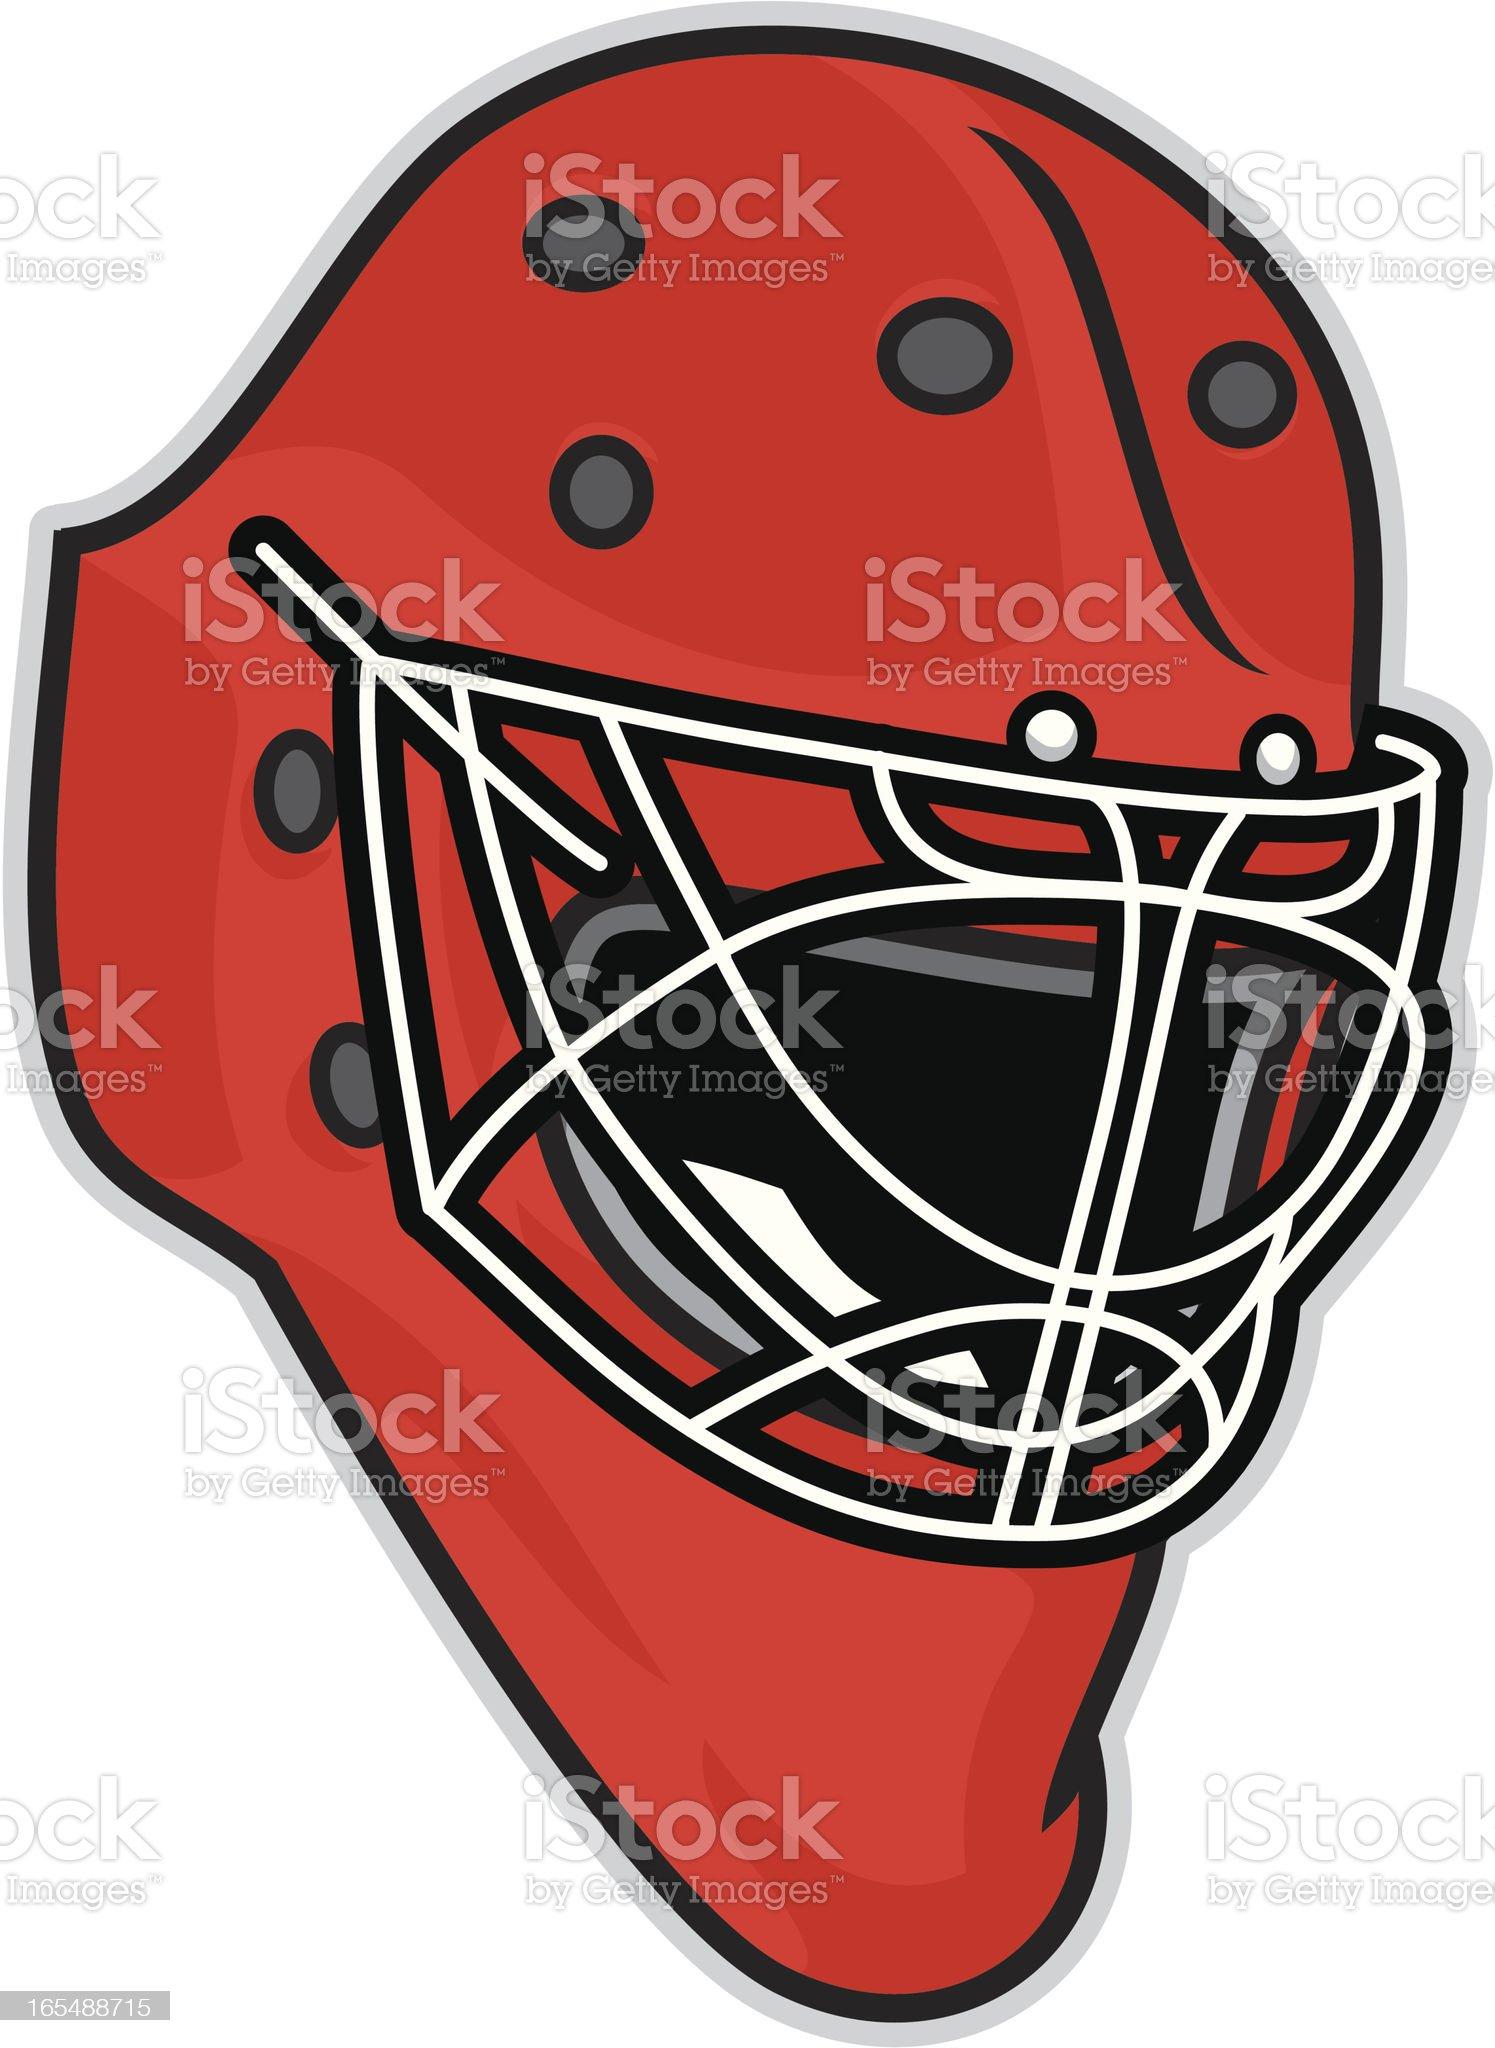 Basic Goalie Helmet royalty-free stock vector art